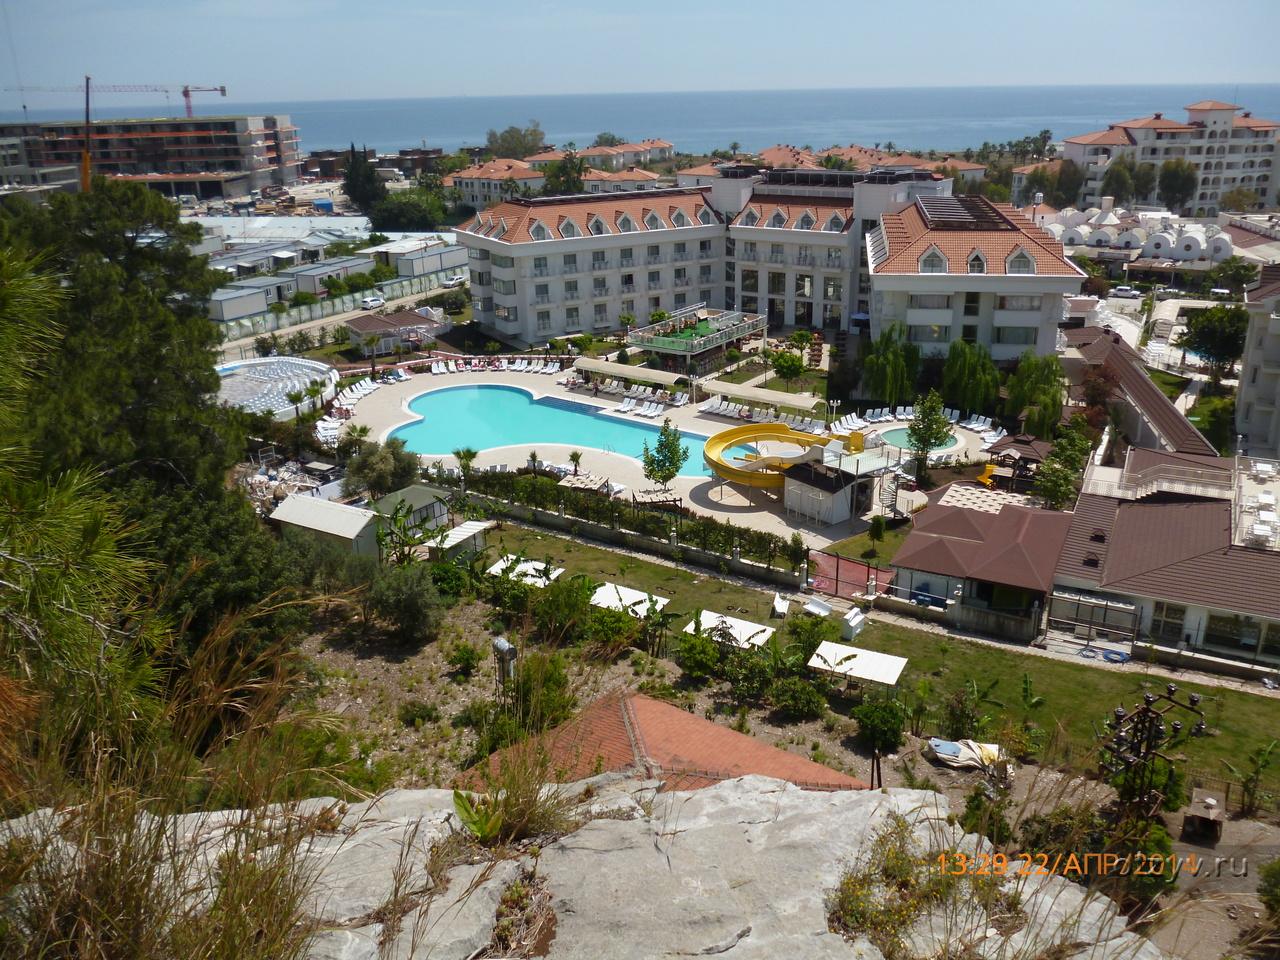 Болгария золотые пески отель здравец фото это